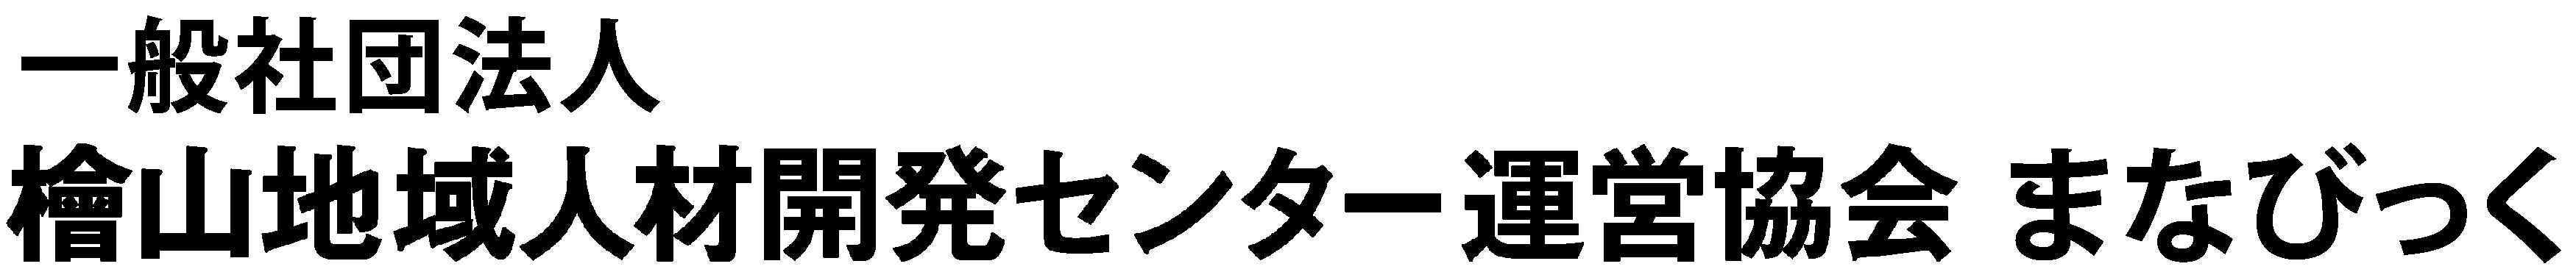 20210617_hiyama_logo_02